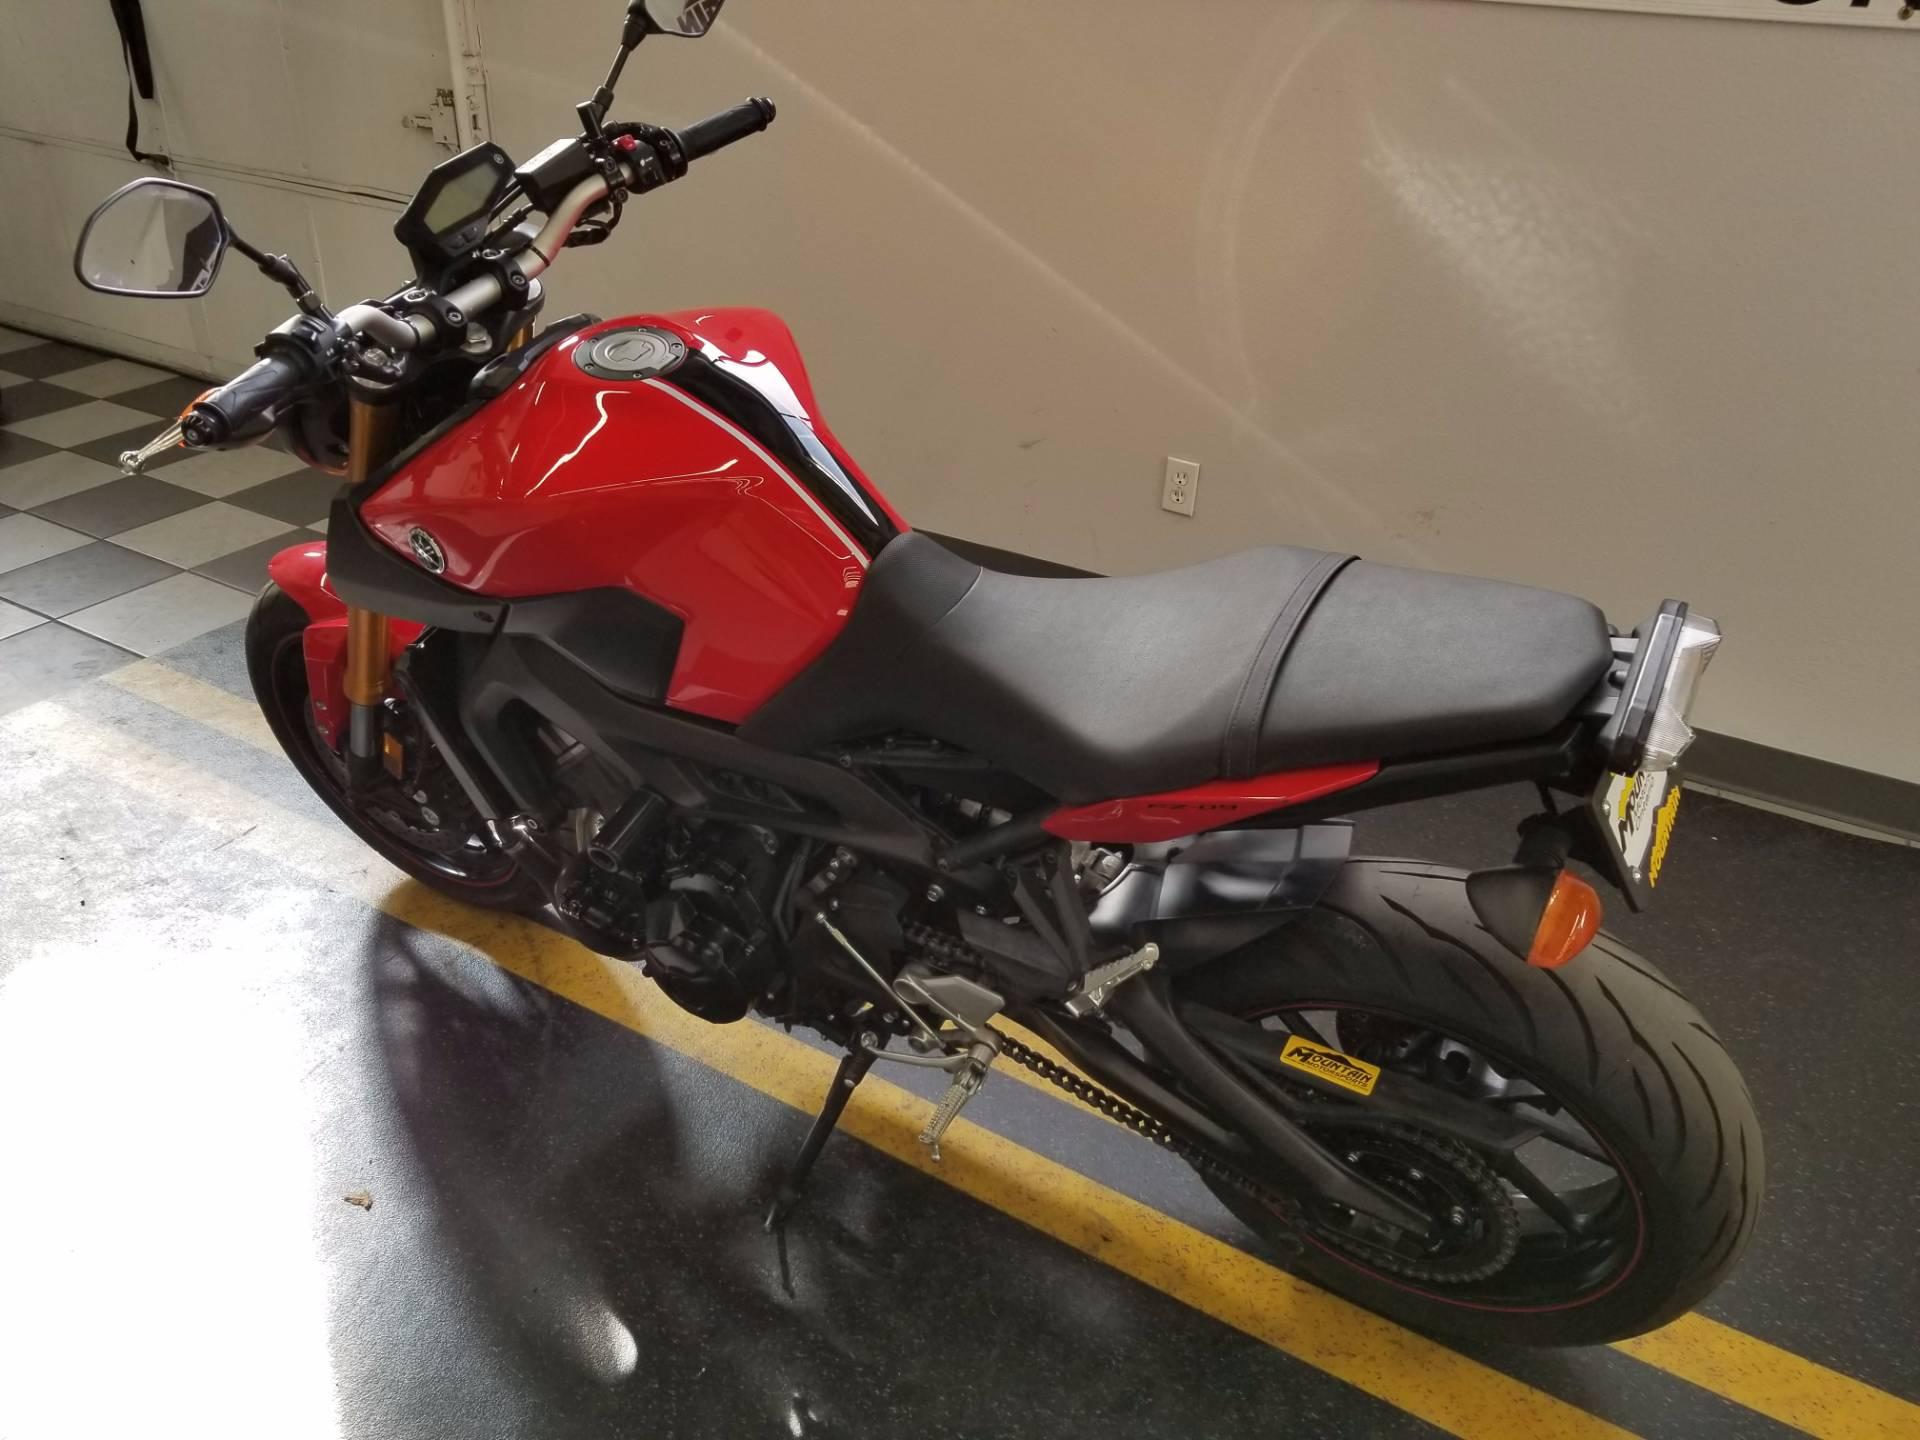 2014 Yamaha FZ-09 3